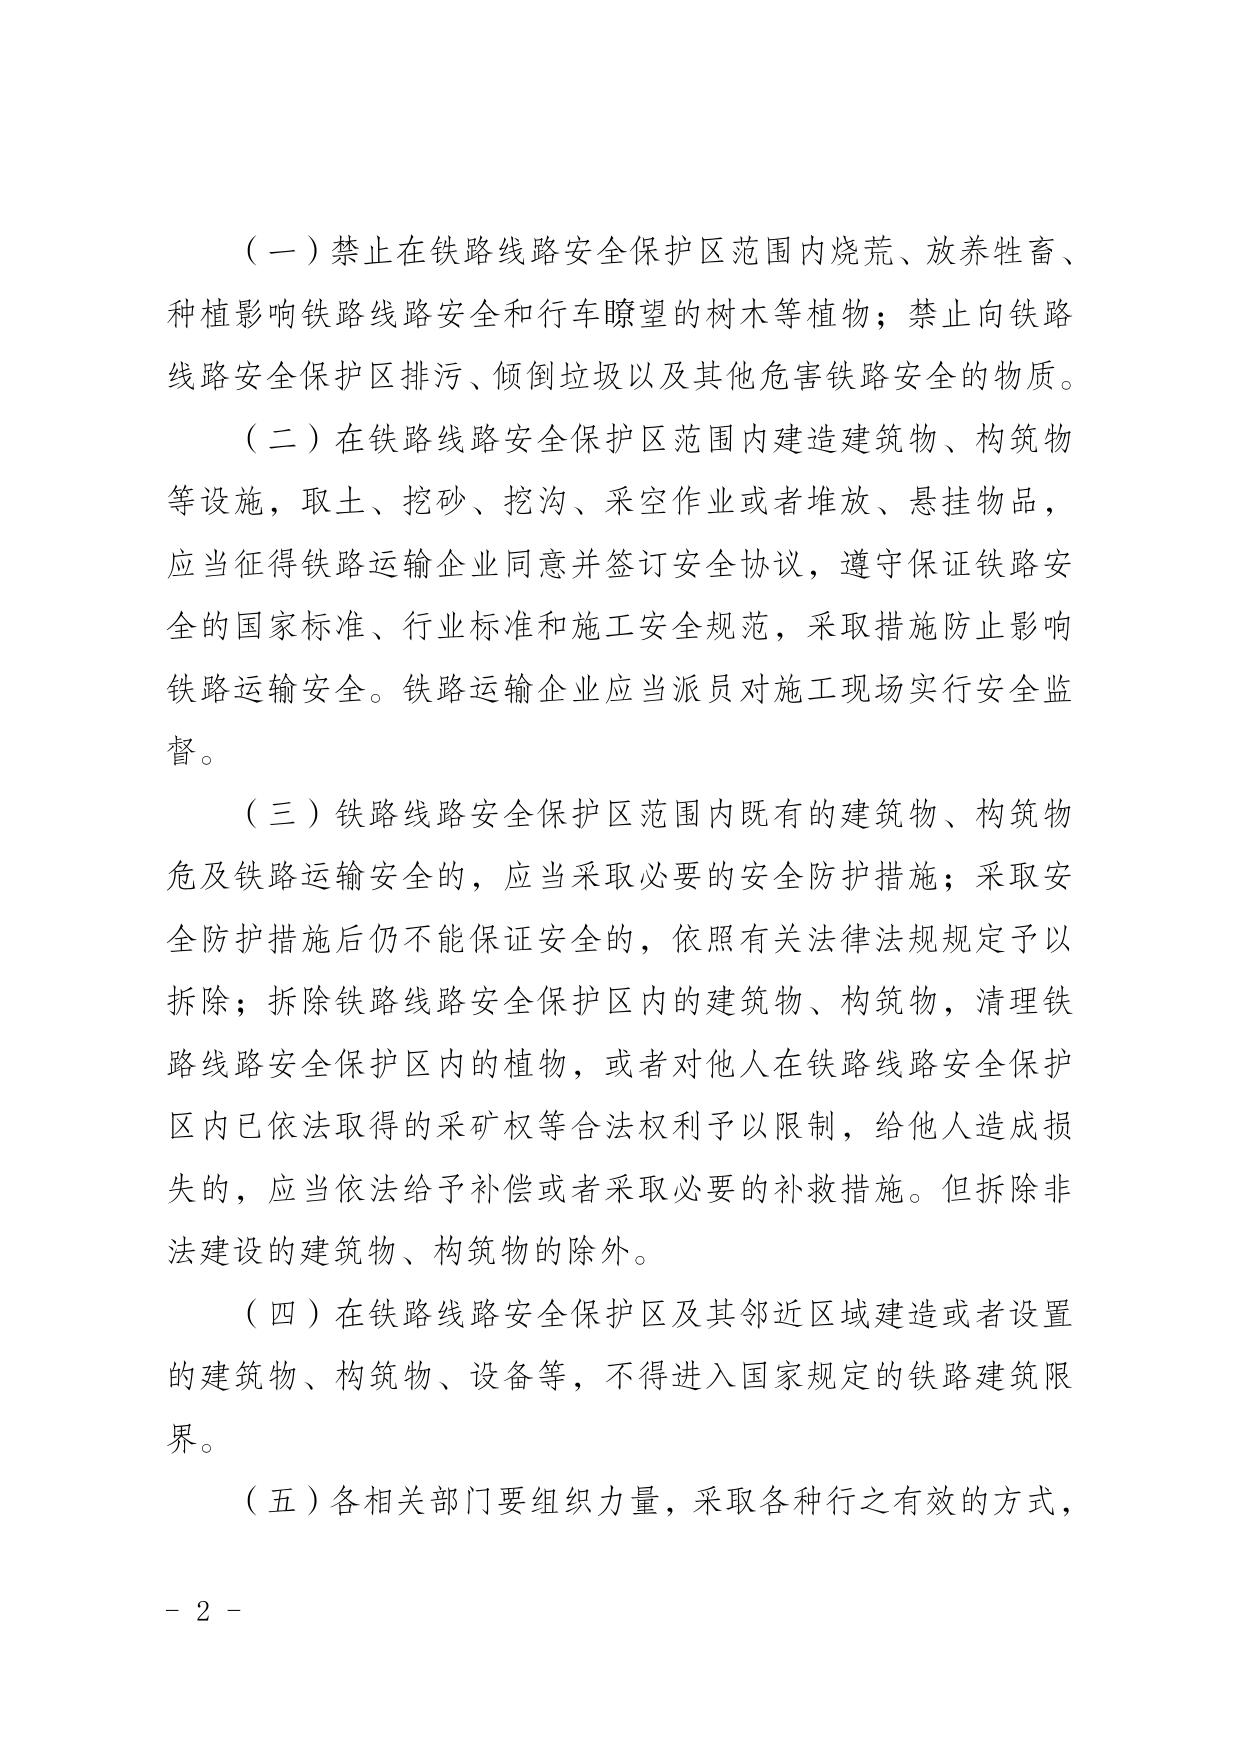 11号关于划定新建梅州至龙川铁路(五华段)安全保护区范围的公告0001.jpg